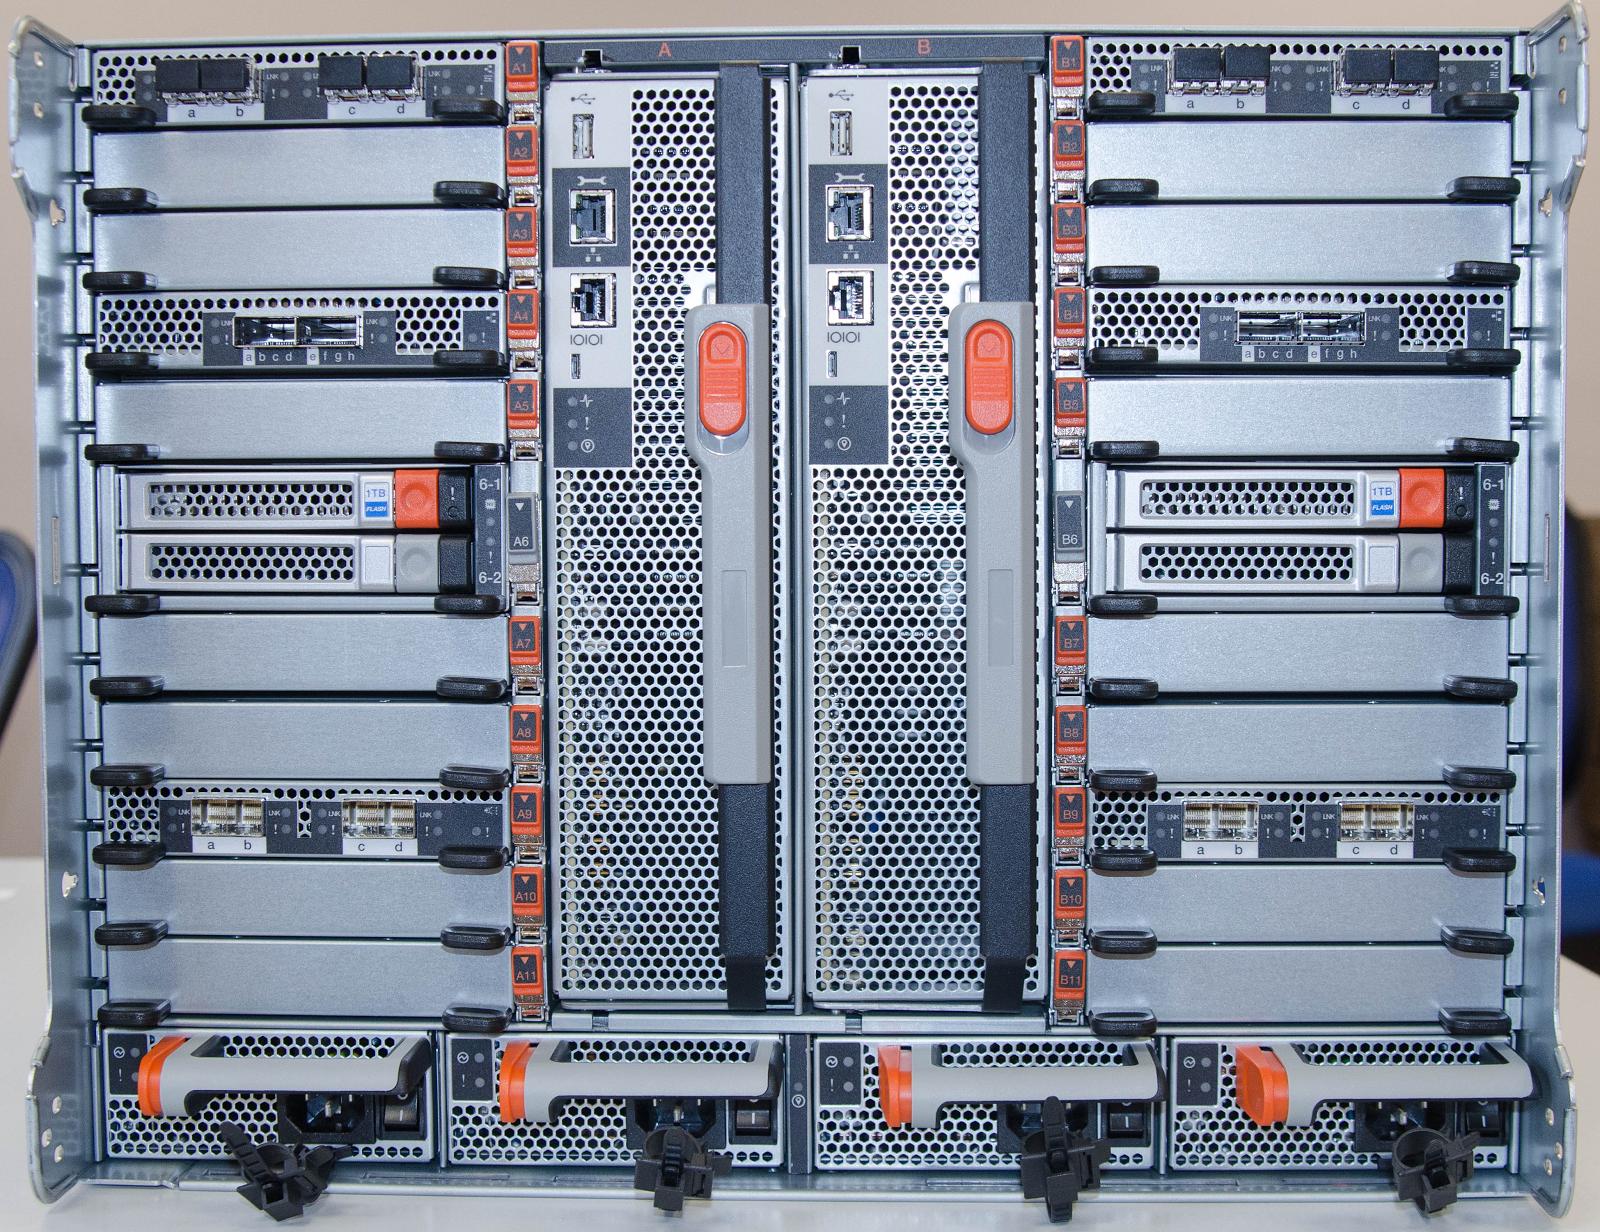 Из будней сисадмина: распаковываем NetApp FAS 9000 - 3